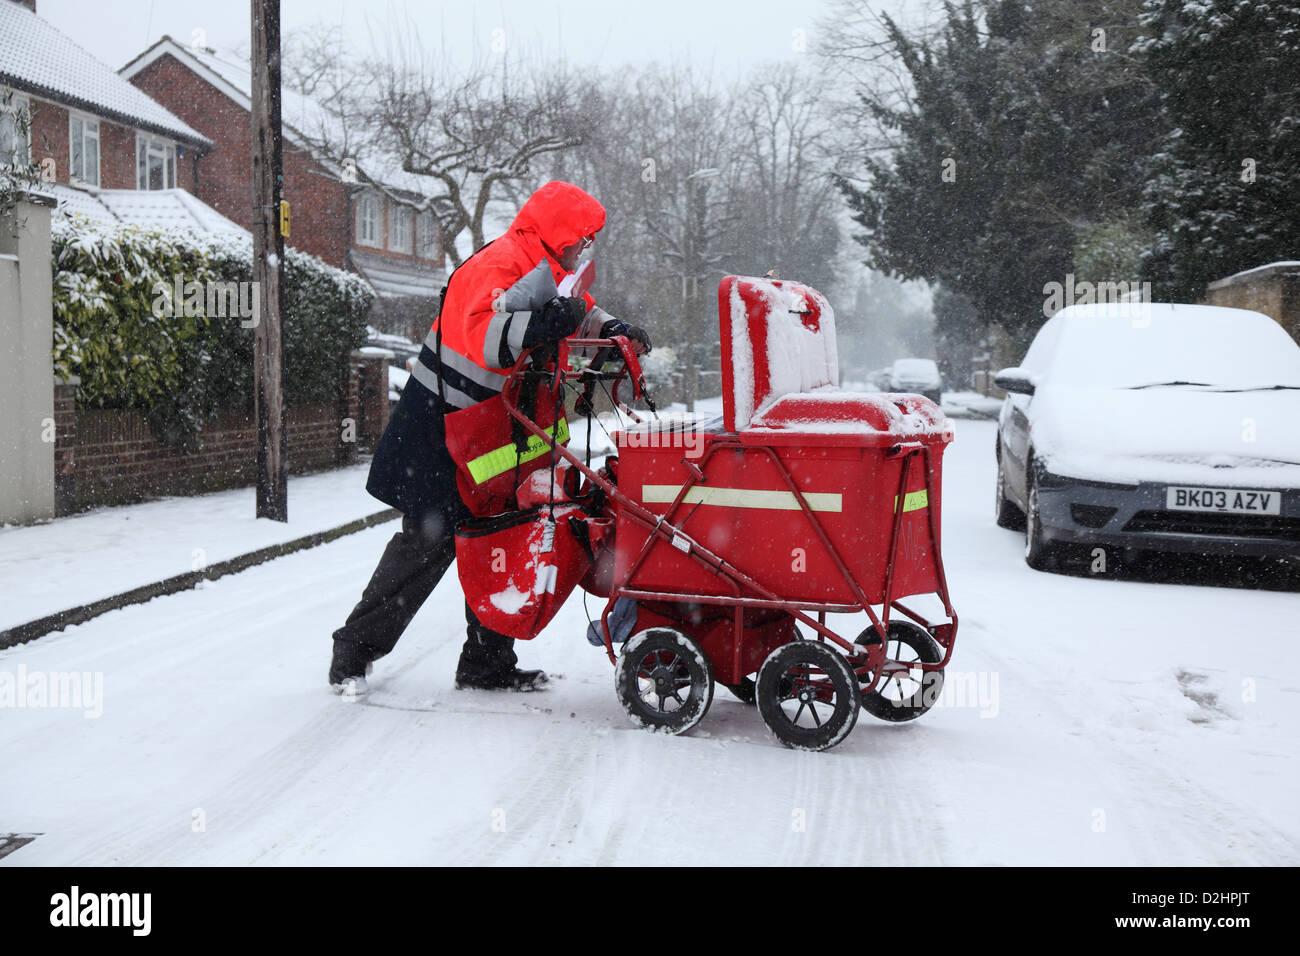 Facteur distribue le courrier dans une chute de neige. Banque D'Images